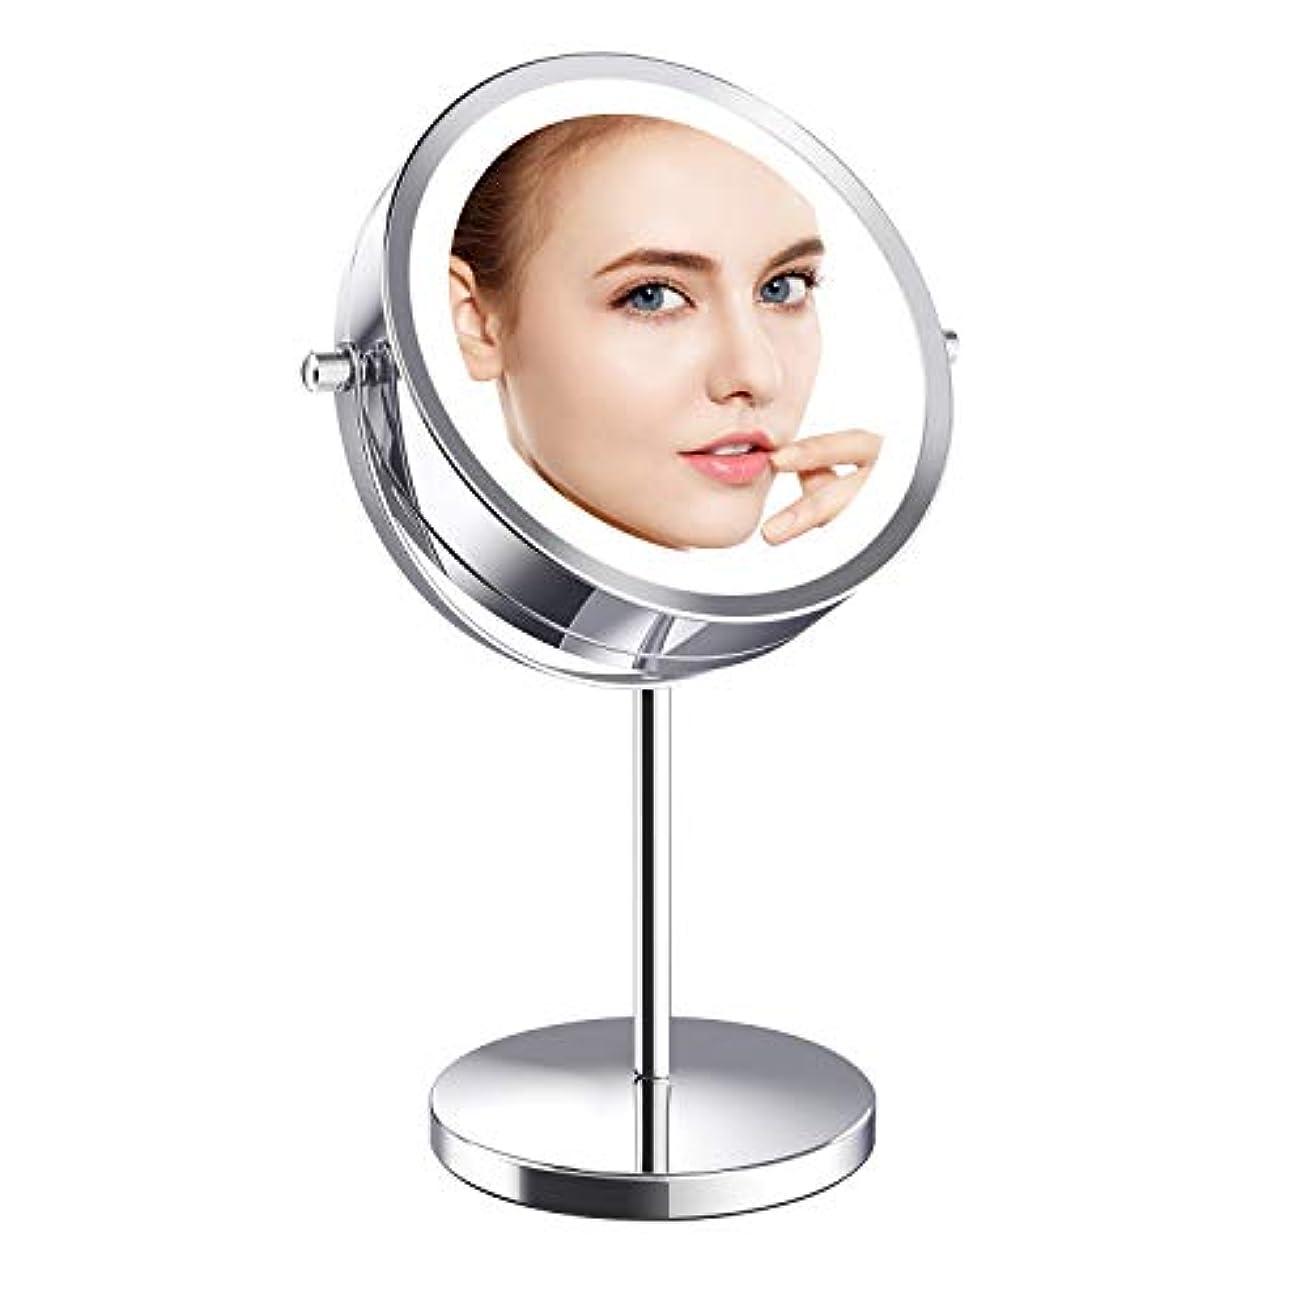 面積習熟度いじめっ子Gospire 化粧鏡 10倍拡大鏡+等倍鏡 LED卓上化粧鏡 メイクミラー 両面型 360度回転式 日本語説明書付き ライティングミラー プレゼント